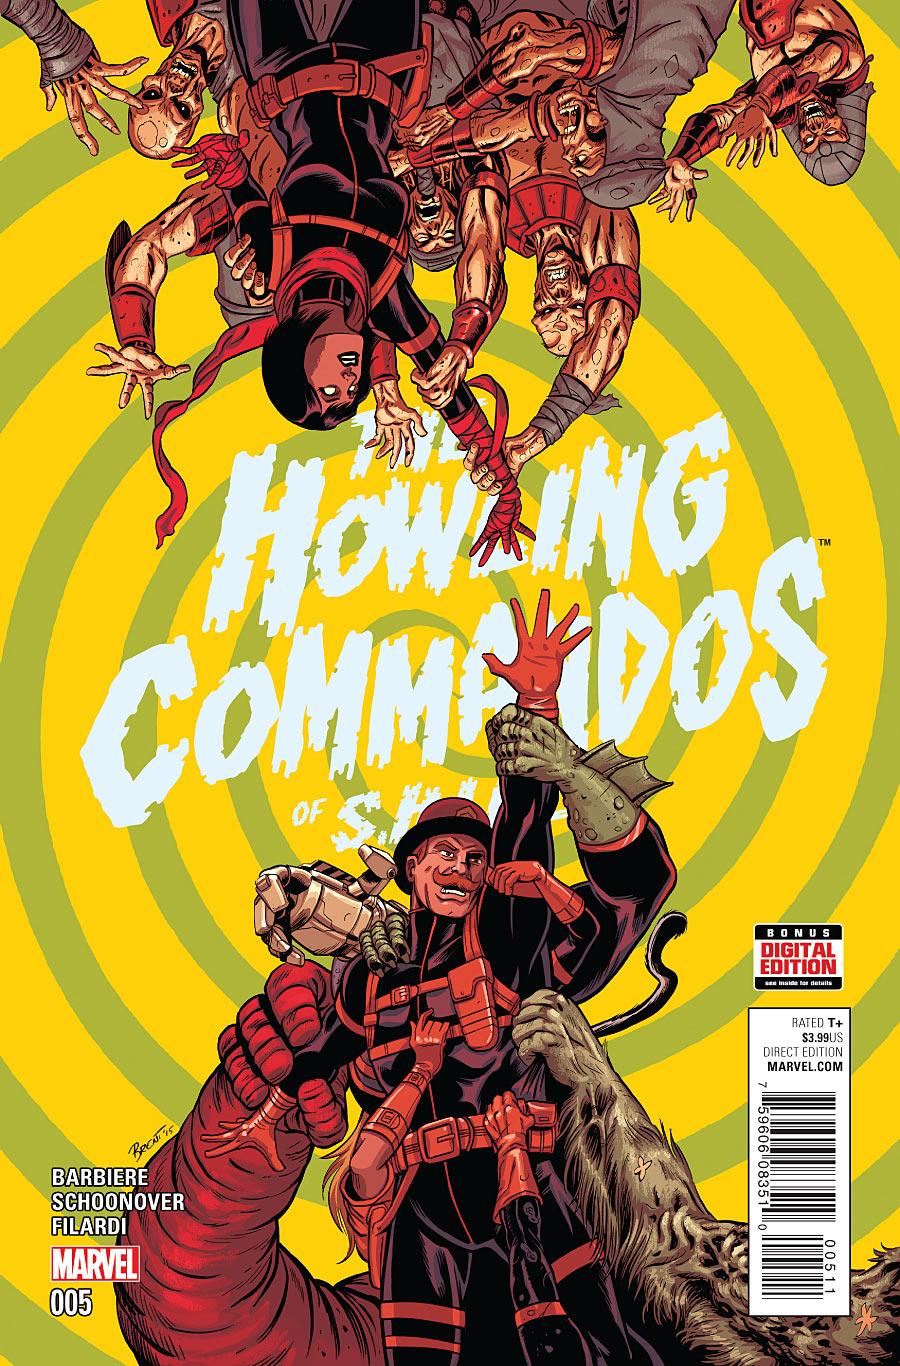 Howling Commandos of S.H.I.E.L.D. Vol 1 5.jpg